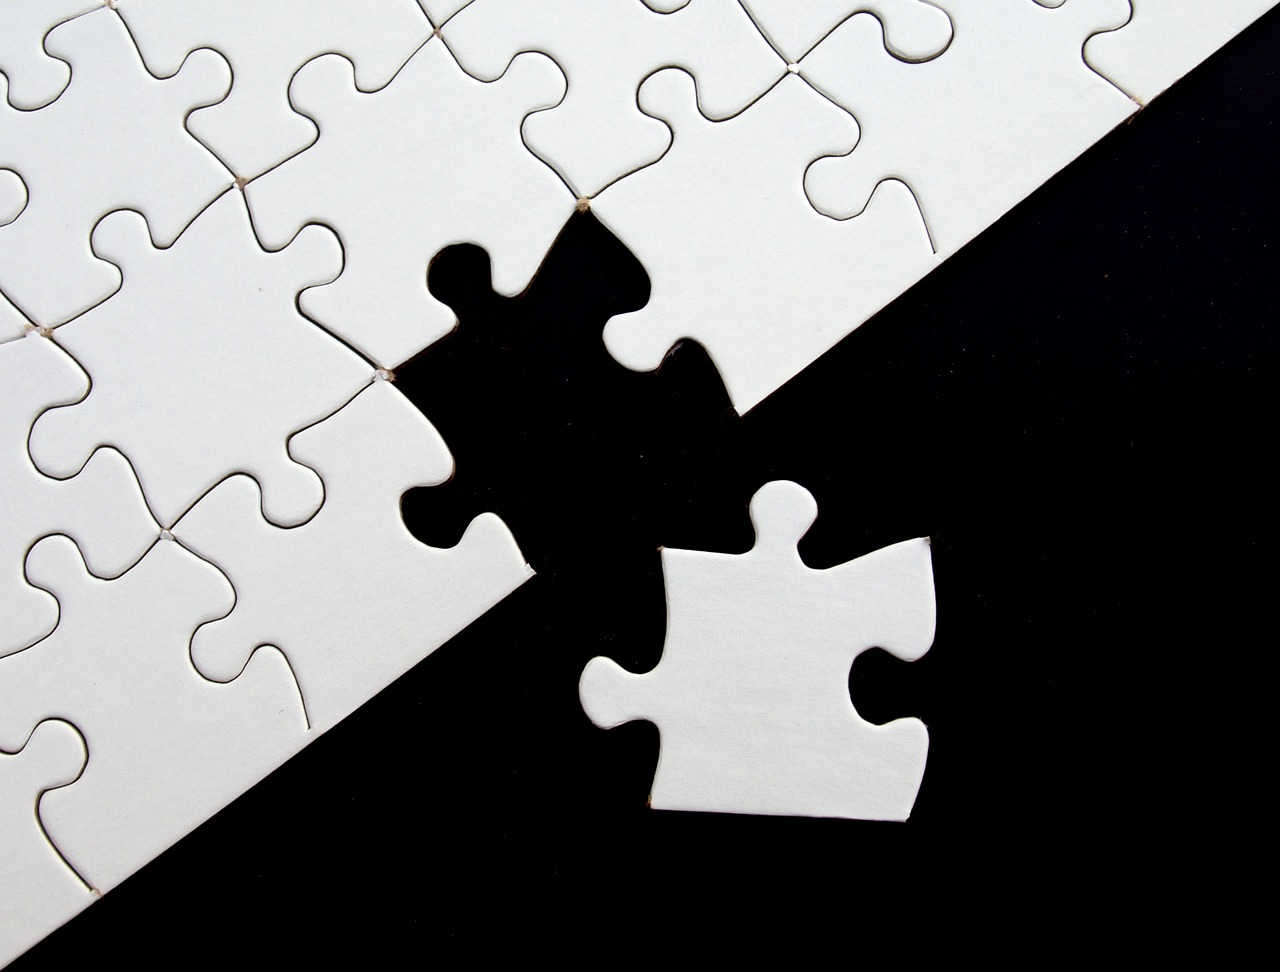 業務命令とパワハラの違いは何ですか